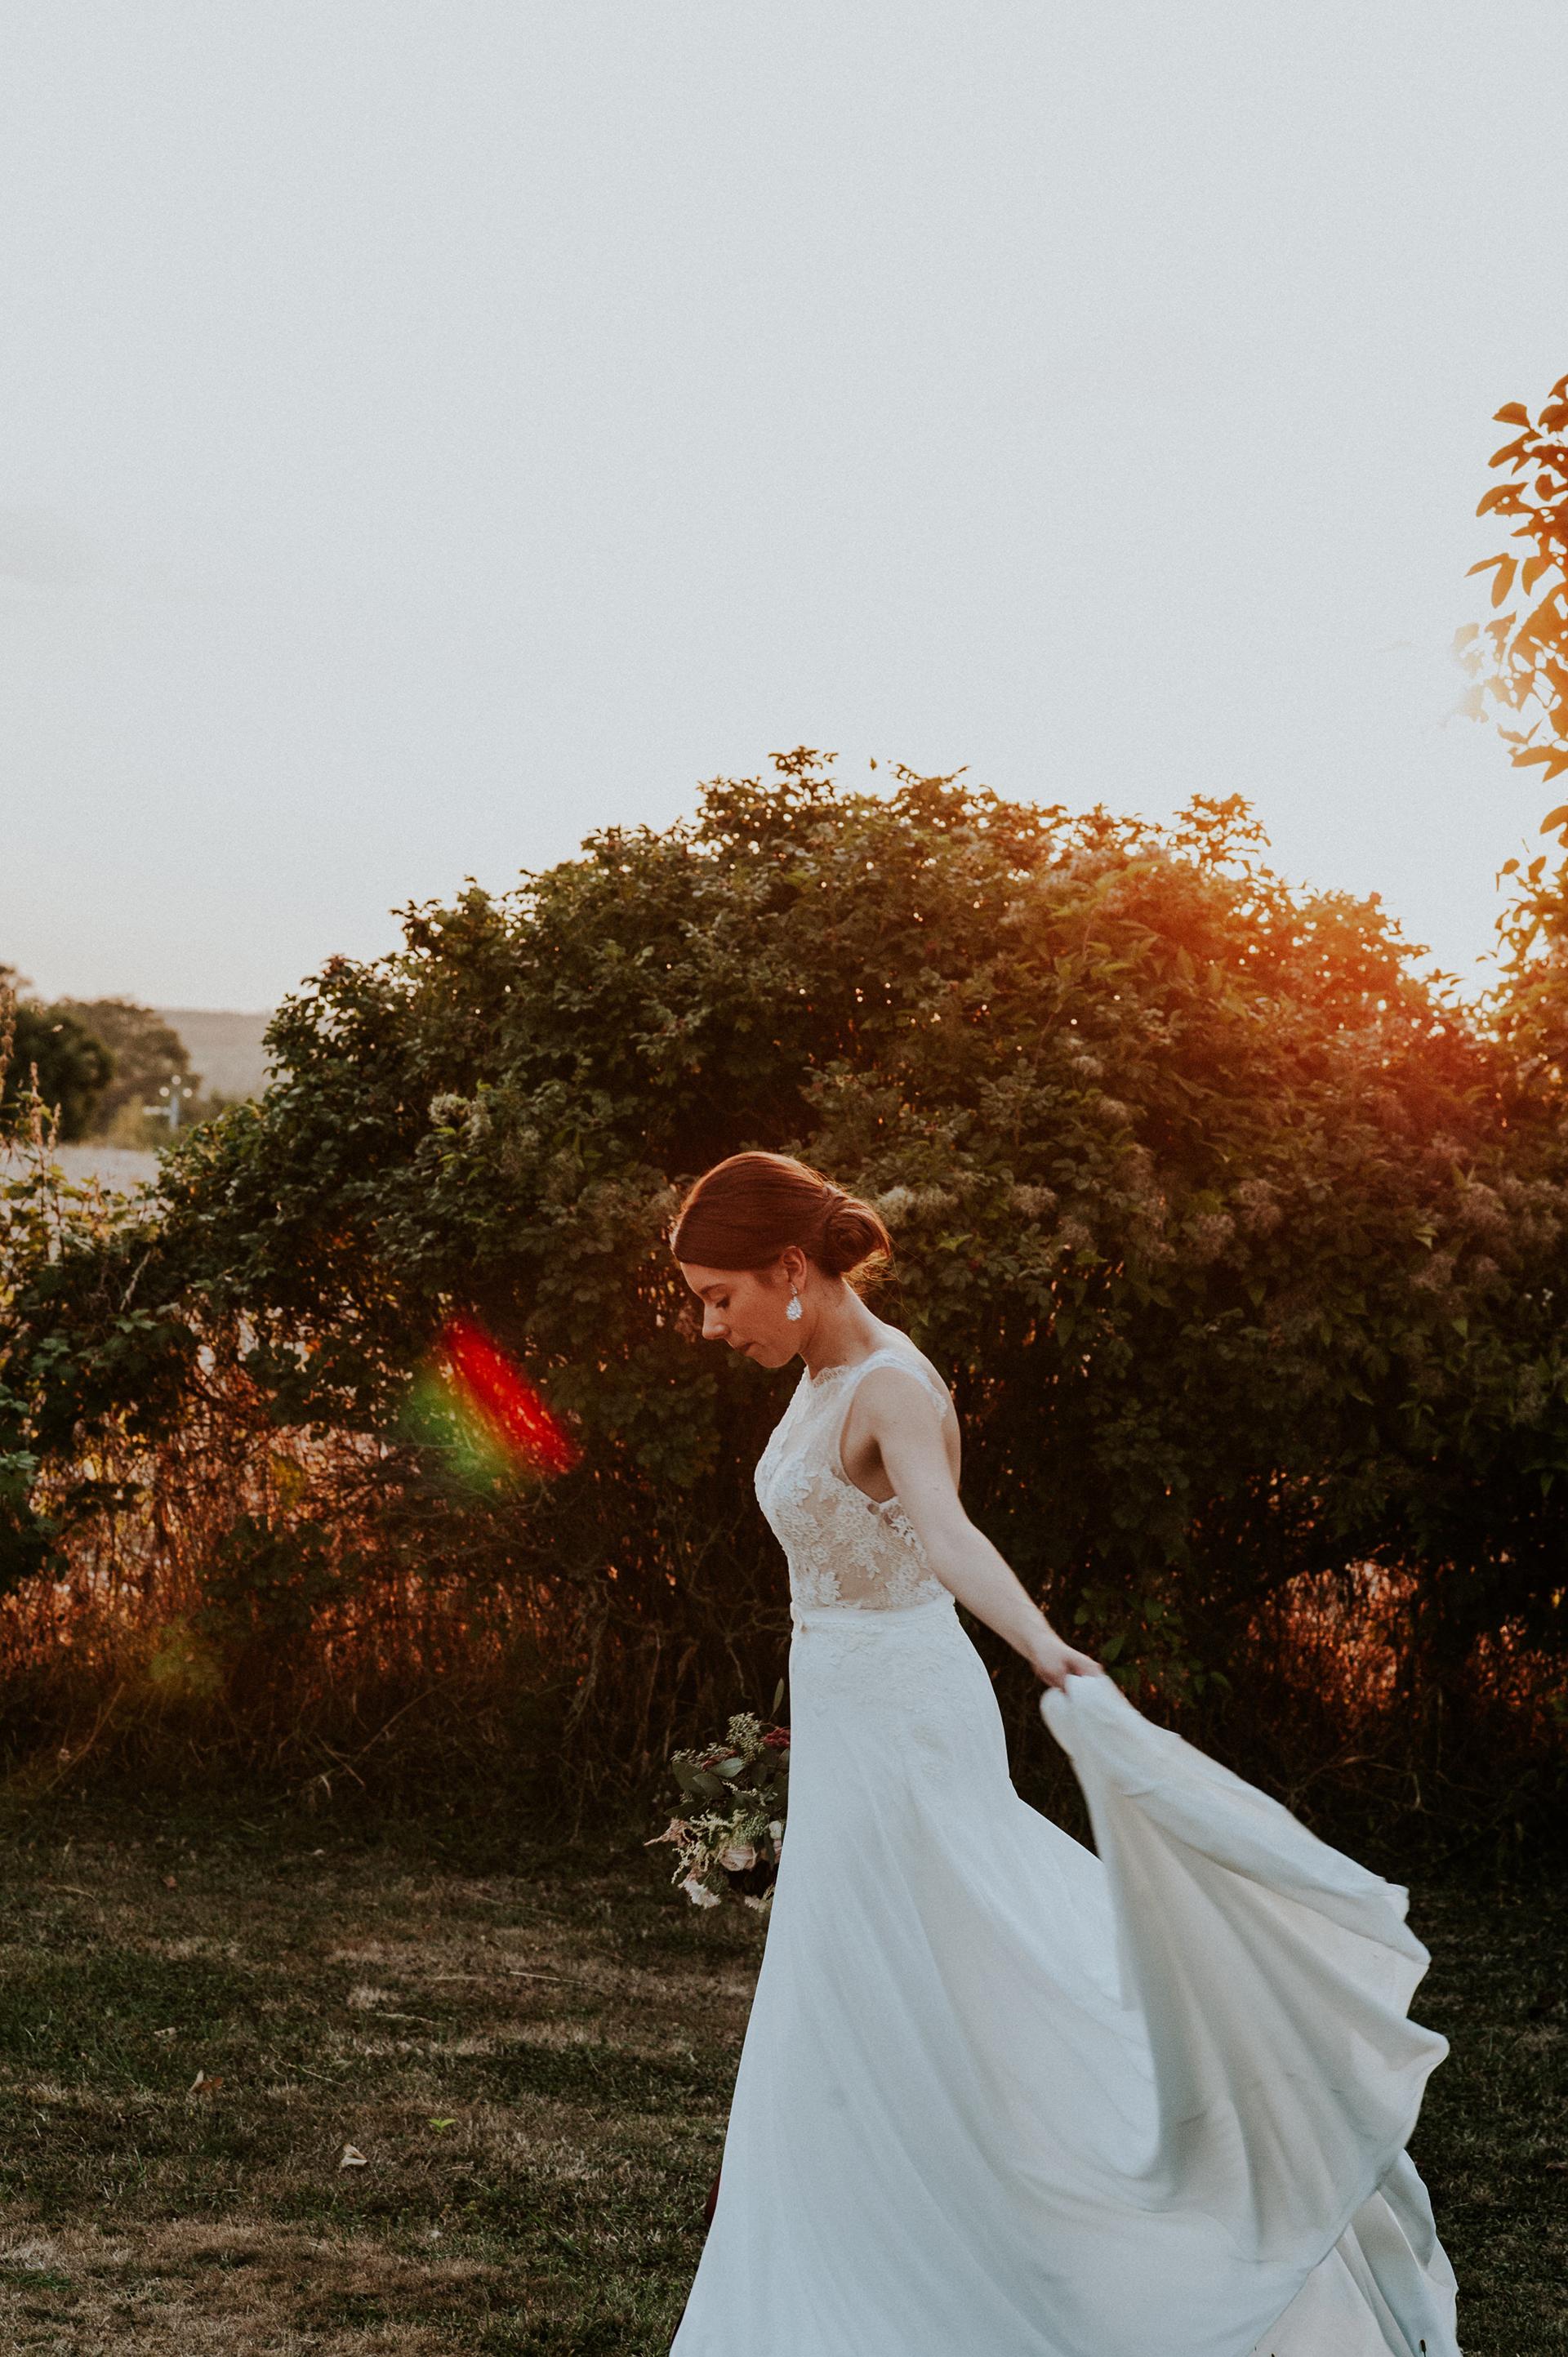 ©Les Histoires d'A. - Laetitia Pavoine - ceremonie laique arche fleurs